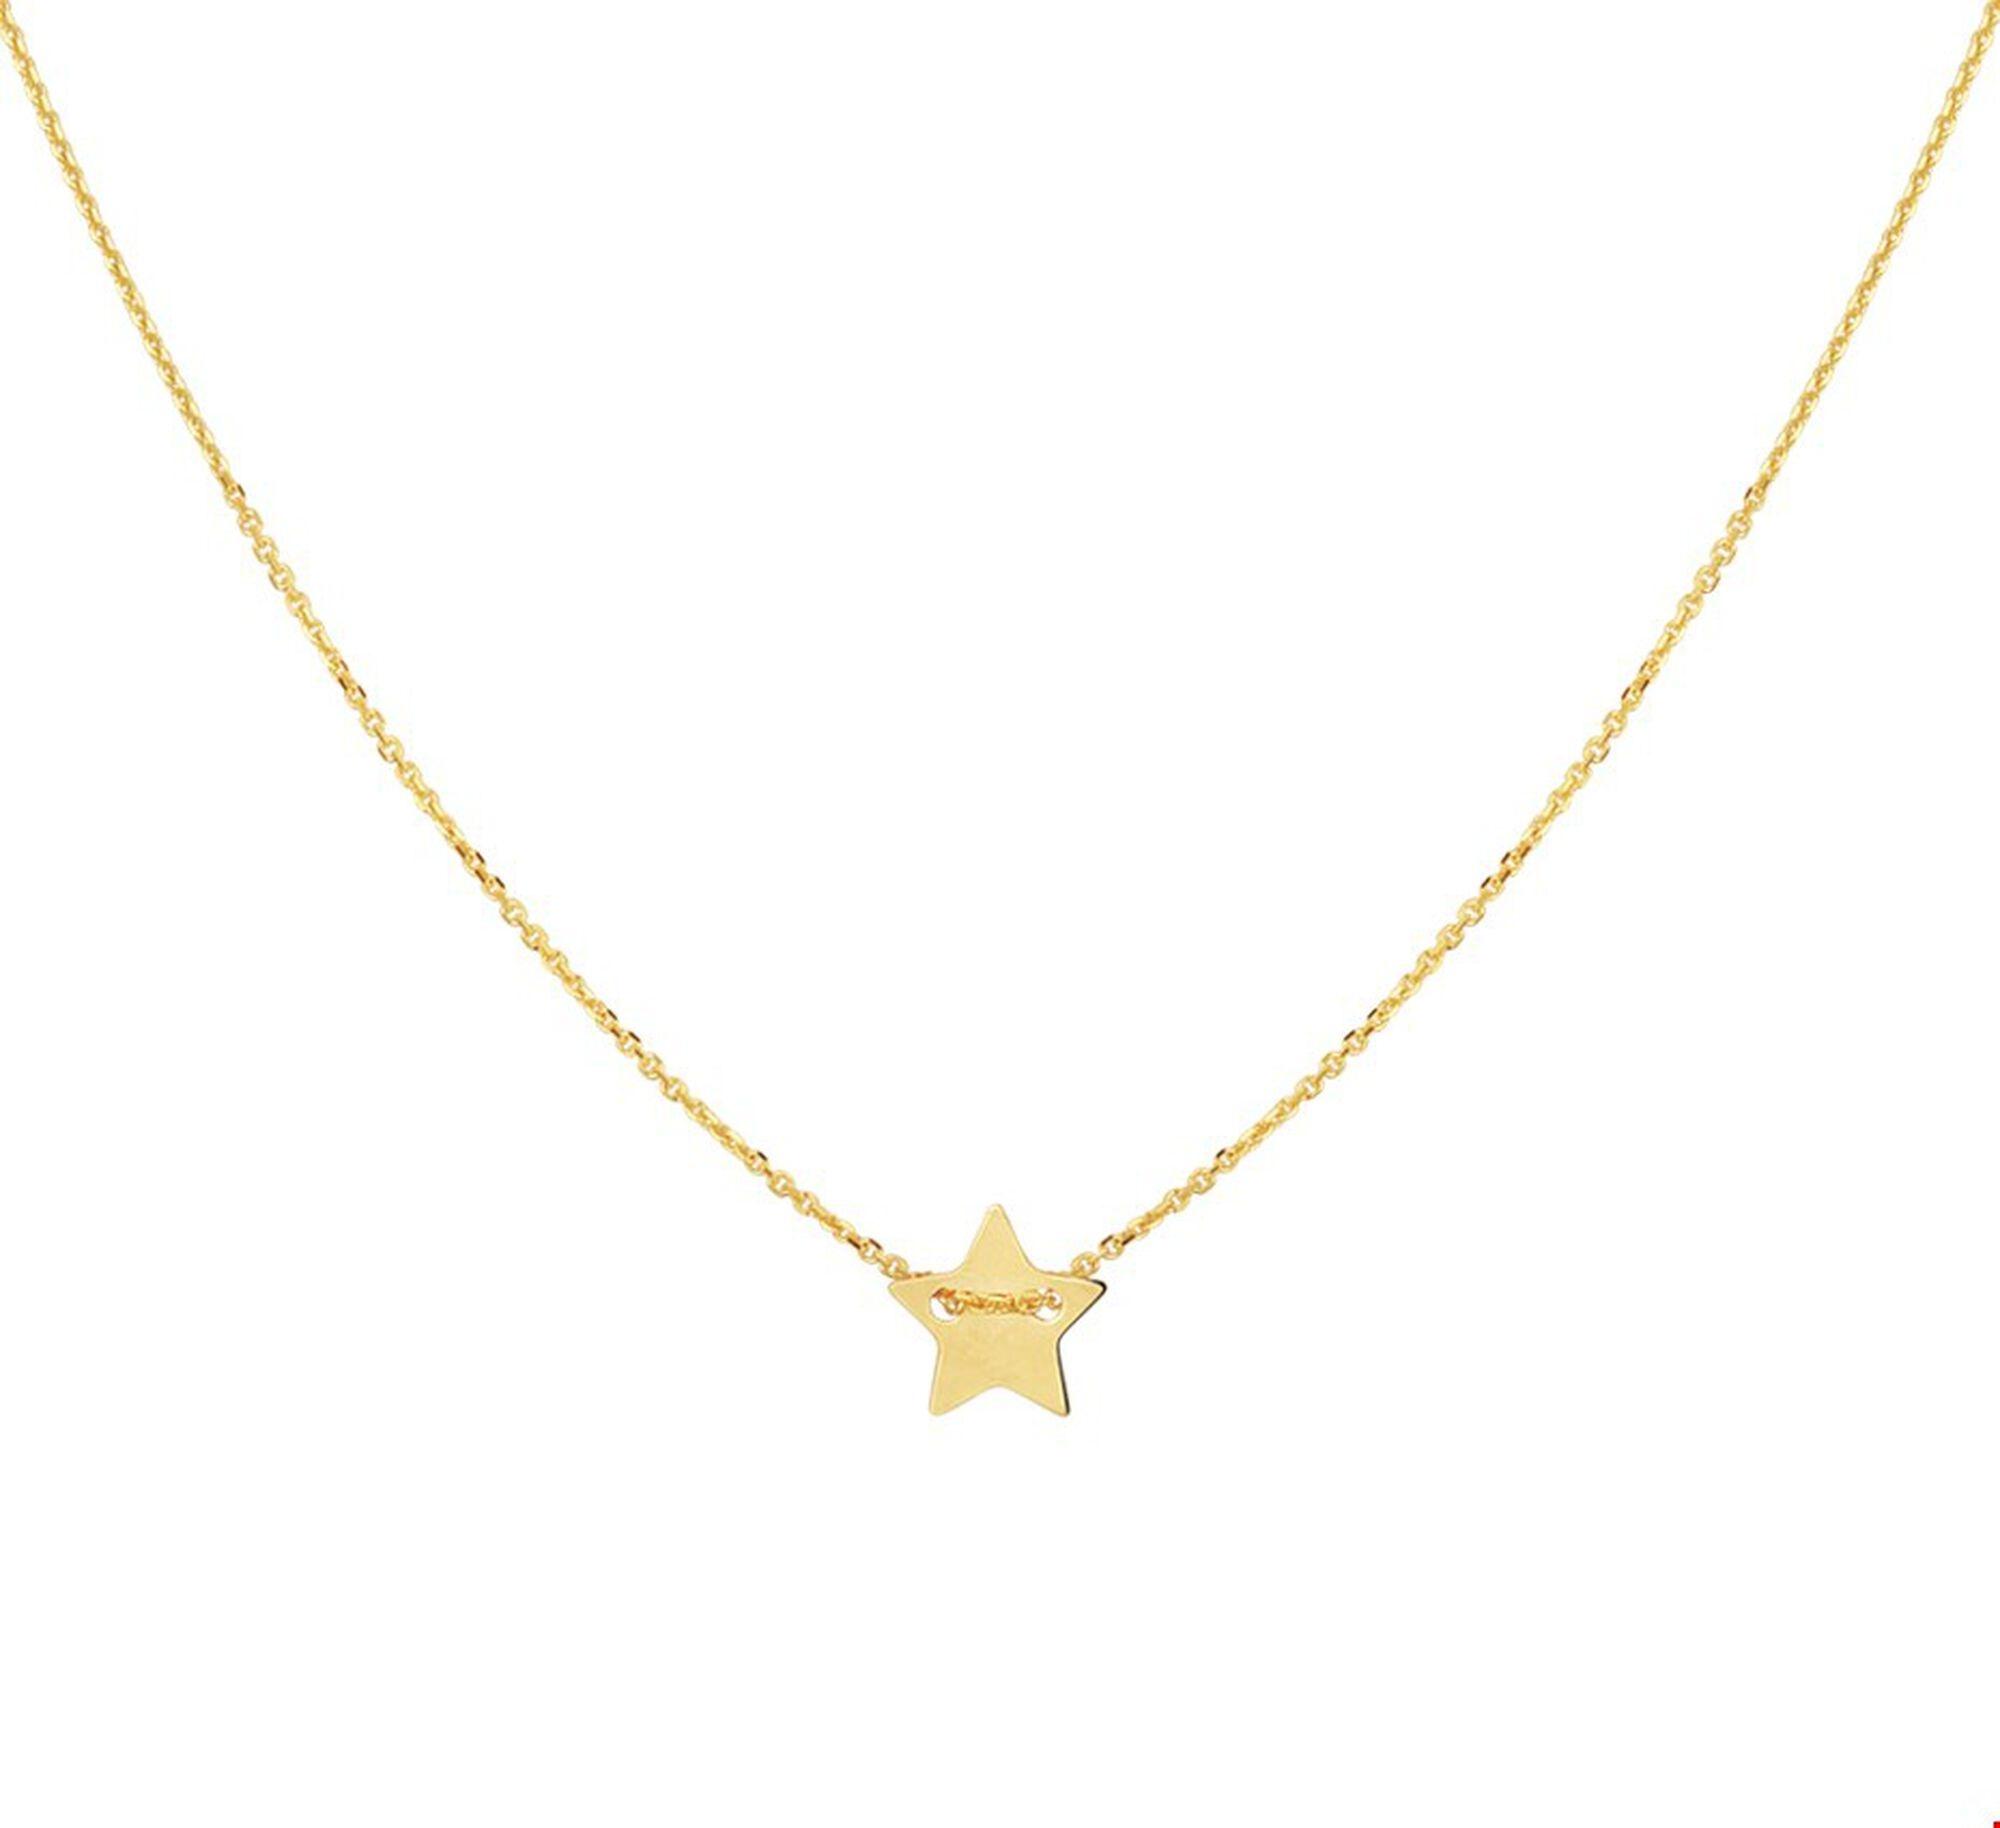 Mooie 14k gouden ketting met hanger ster